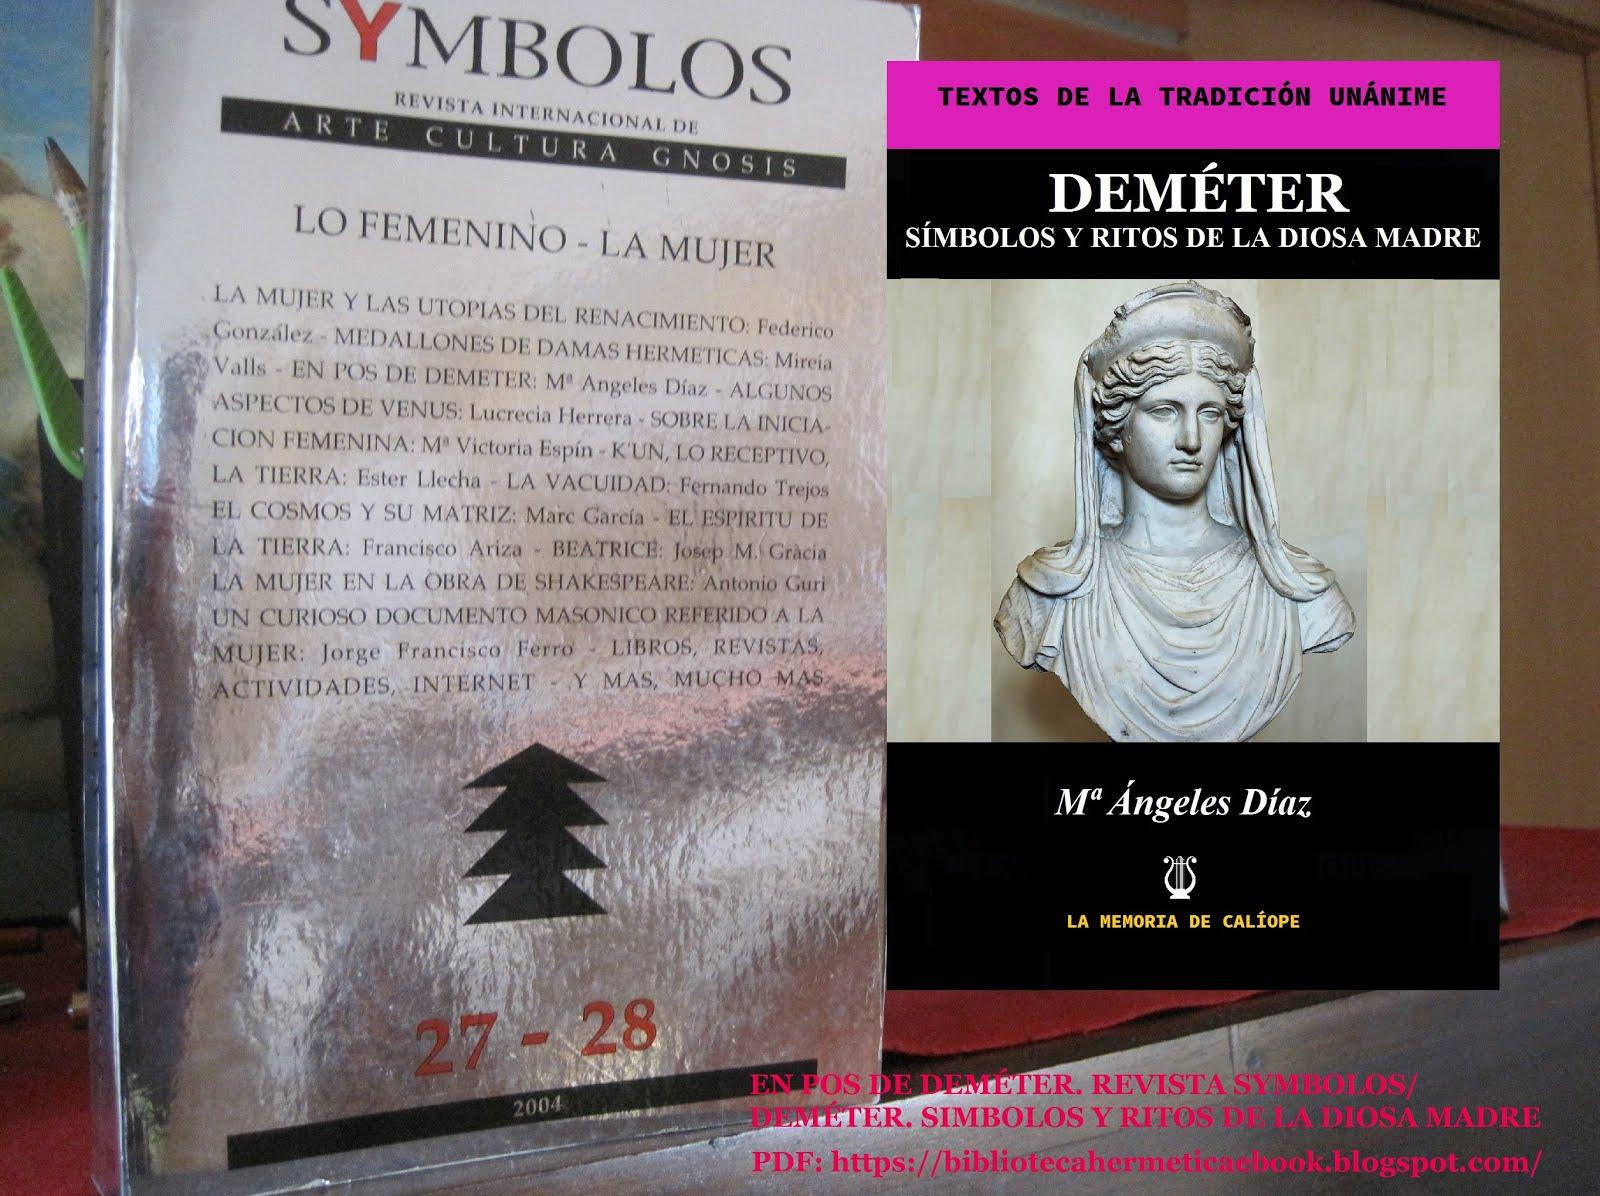 DESDE MI VENTANA: Imágenes Escultóricas De La Escala De Jacob